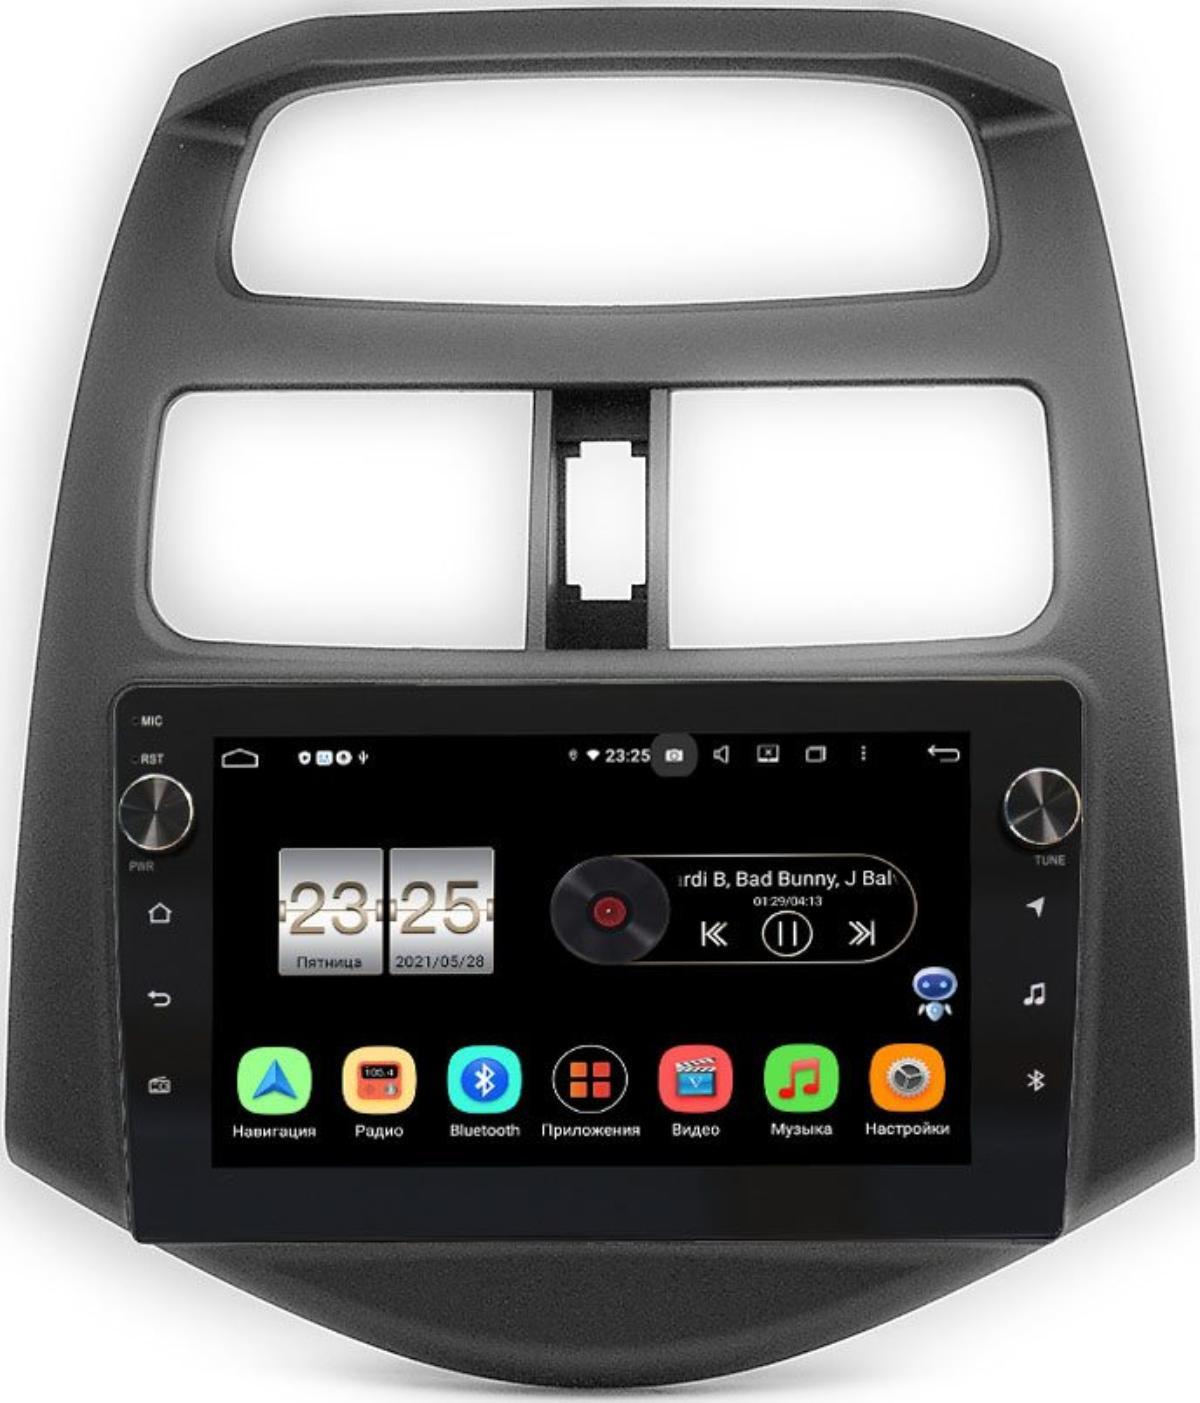 Штатная магнитола Chevrolet Spark III 2009-2016 (глянцевая) LeTrun BPX409-9164 на Android 10 (4/32, DSP, IPS, с голосовым ассистентом, с крутилками) (+ Камера заднего вида в подарок!)